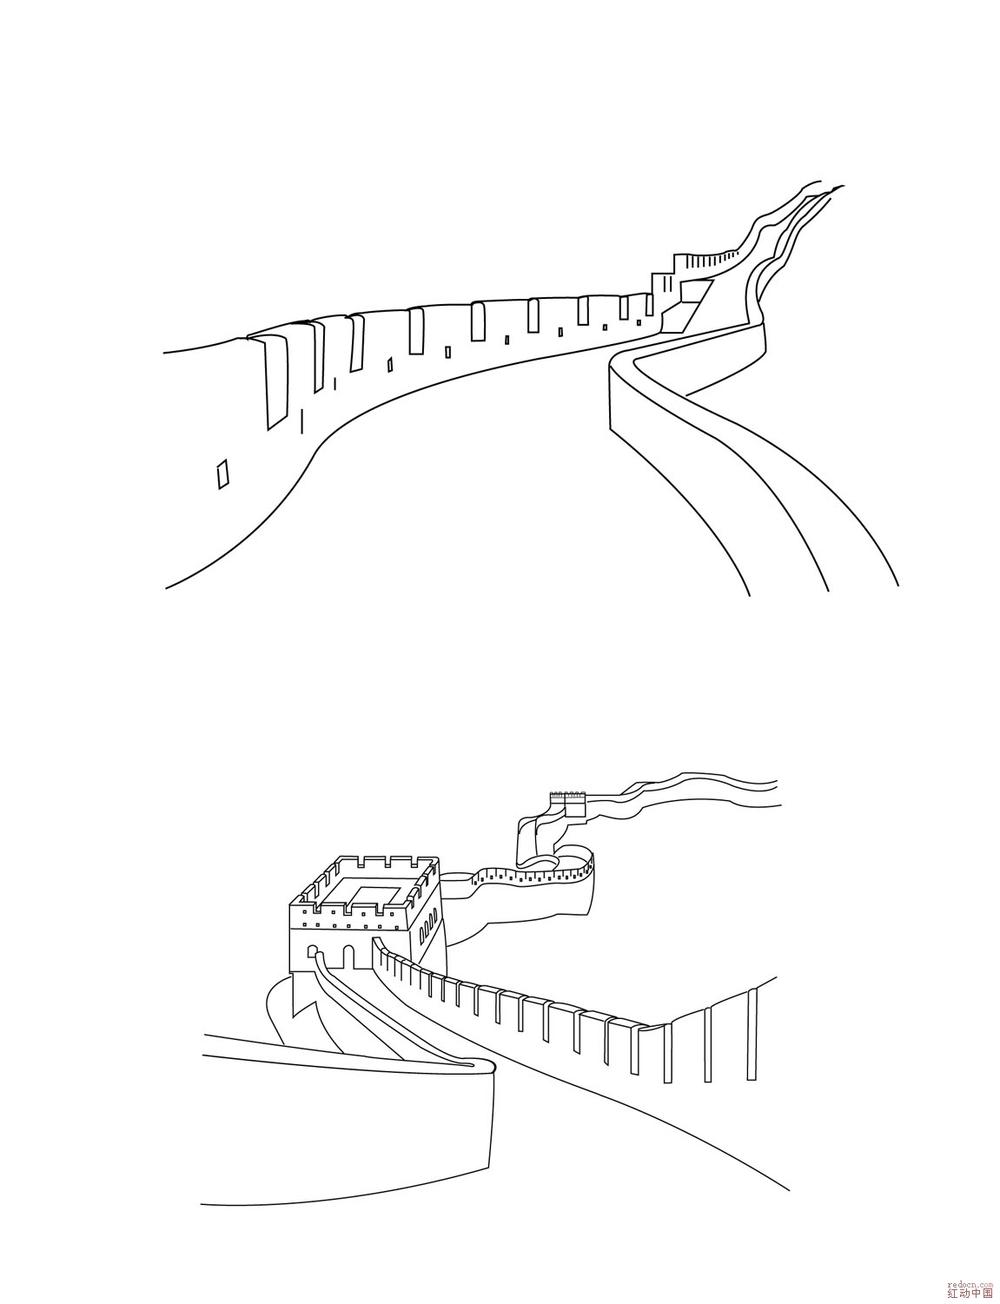 矢量长城(幸苦画的,有缺点多包涵)_矢量素材_素材下载